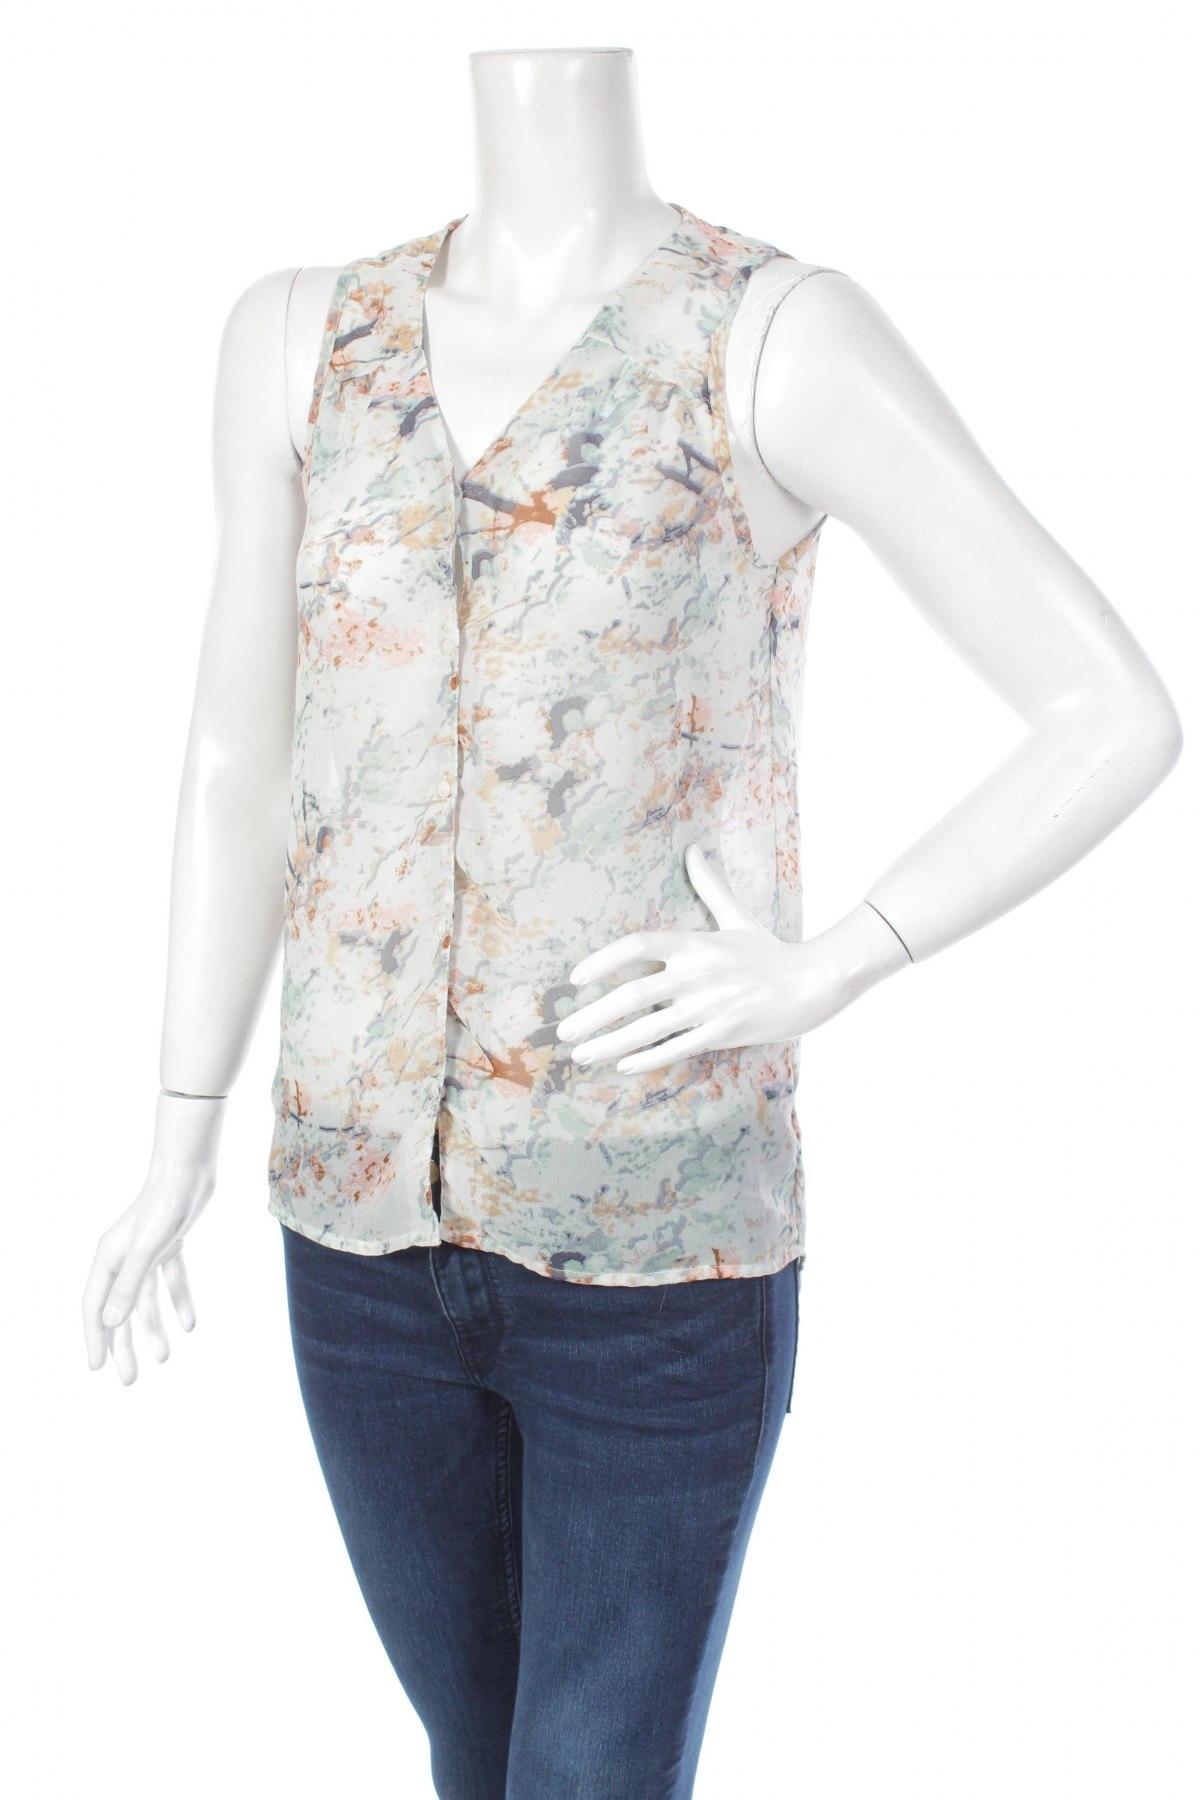 Γυναικείο πουκάμισο Only, Μέγεθος XS, Χρώμα Πολύχρωμο, Τιμή 12,48€